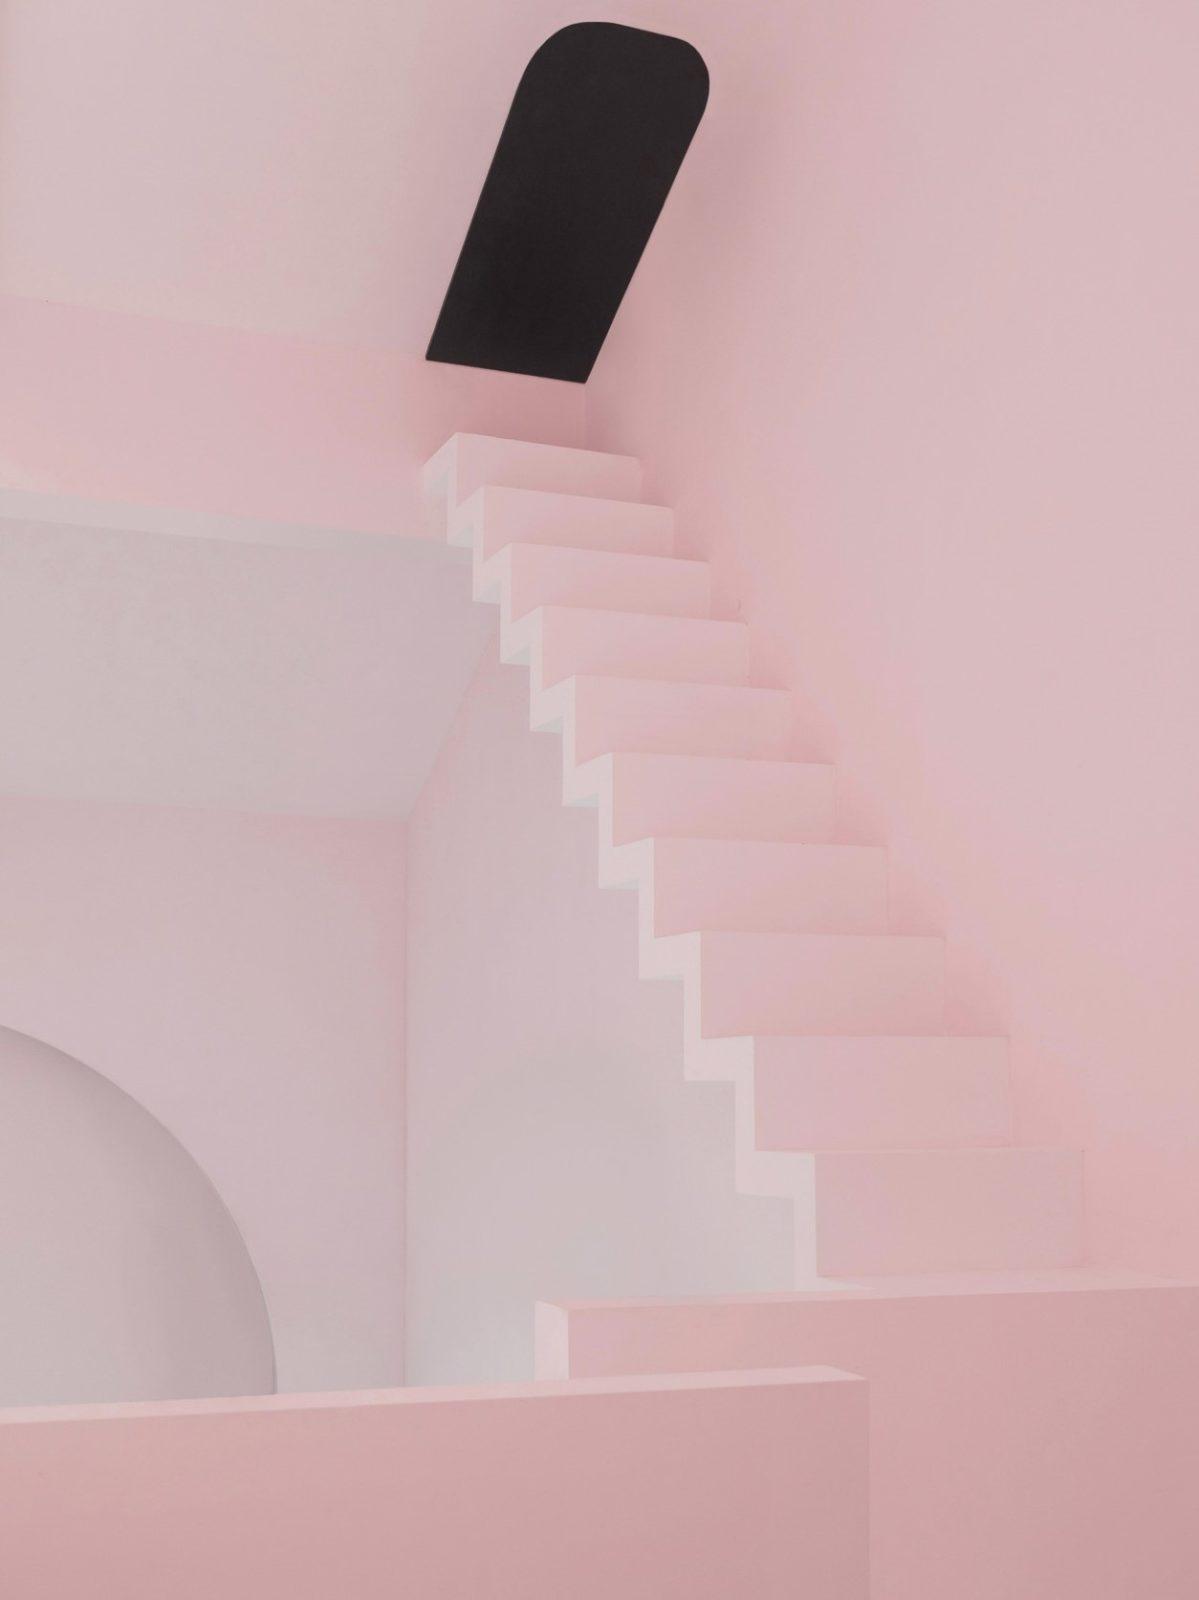 Хостел, как дом от «Алисы в Стране Чудес». Посмотрите на эту лестницу!